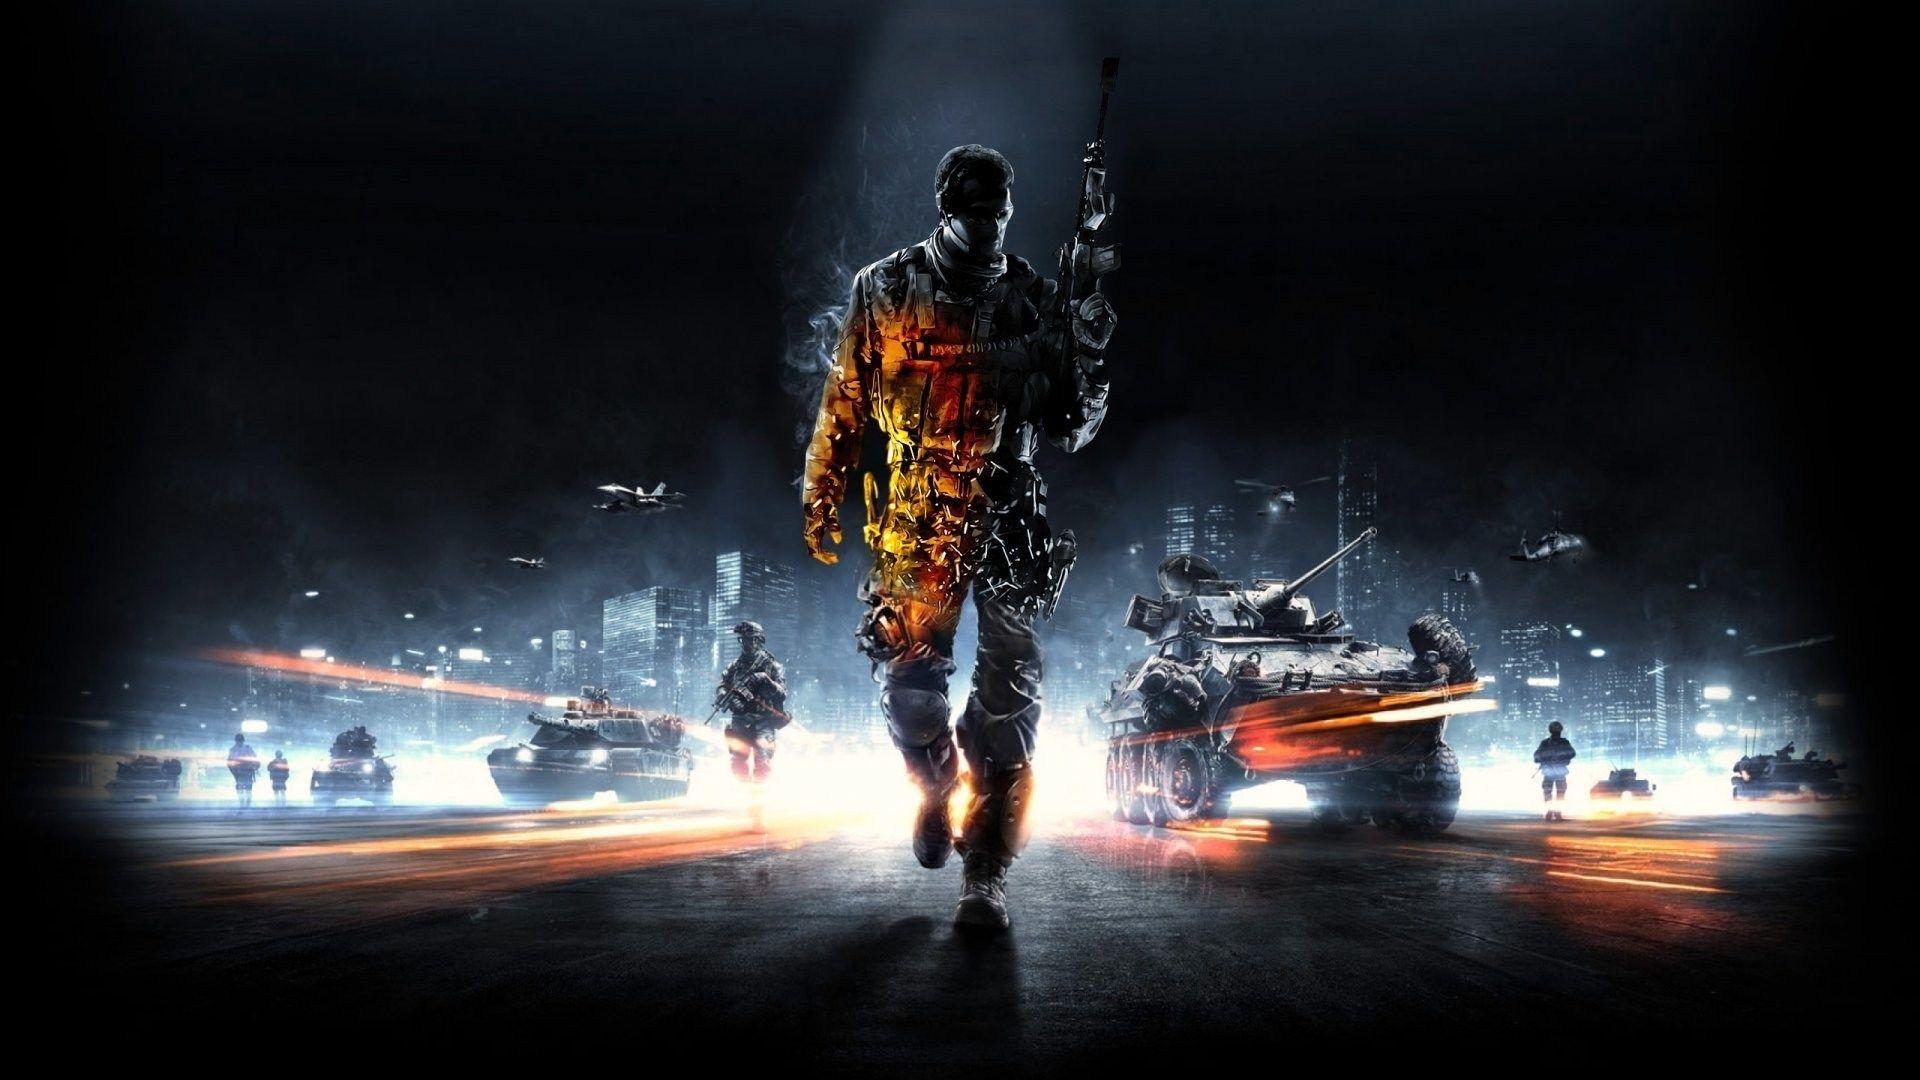 Pin De Saqib Somal Em Battlefield 4